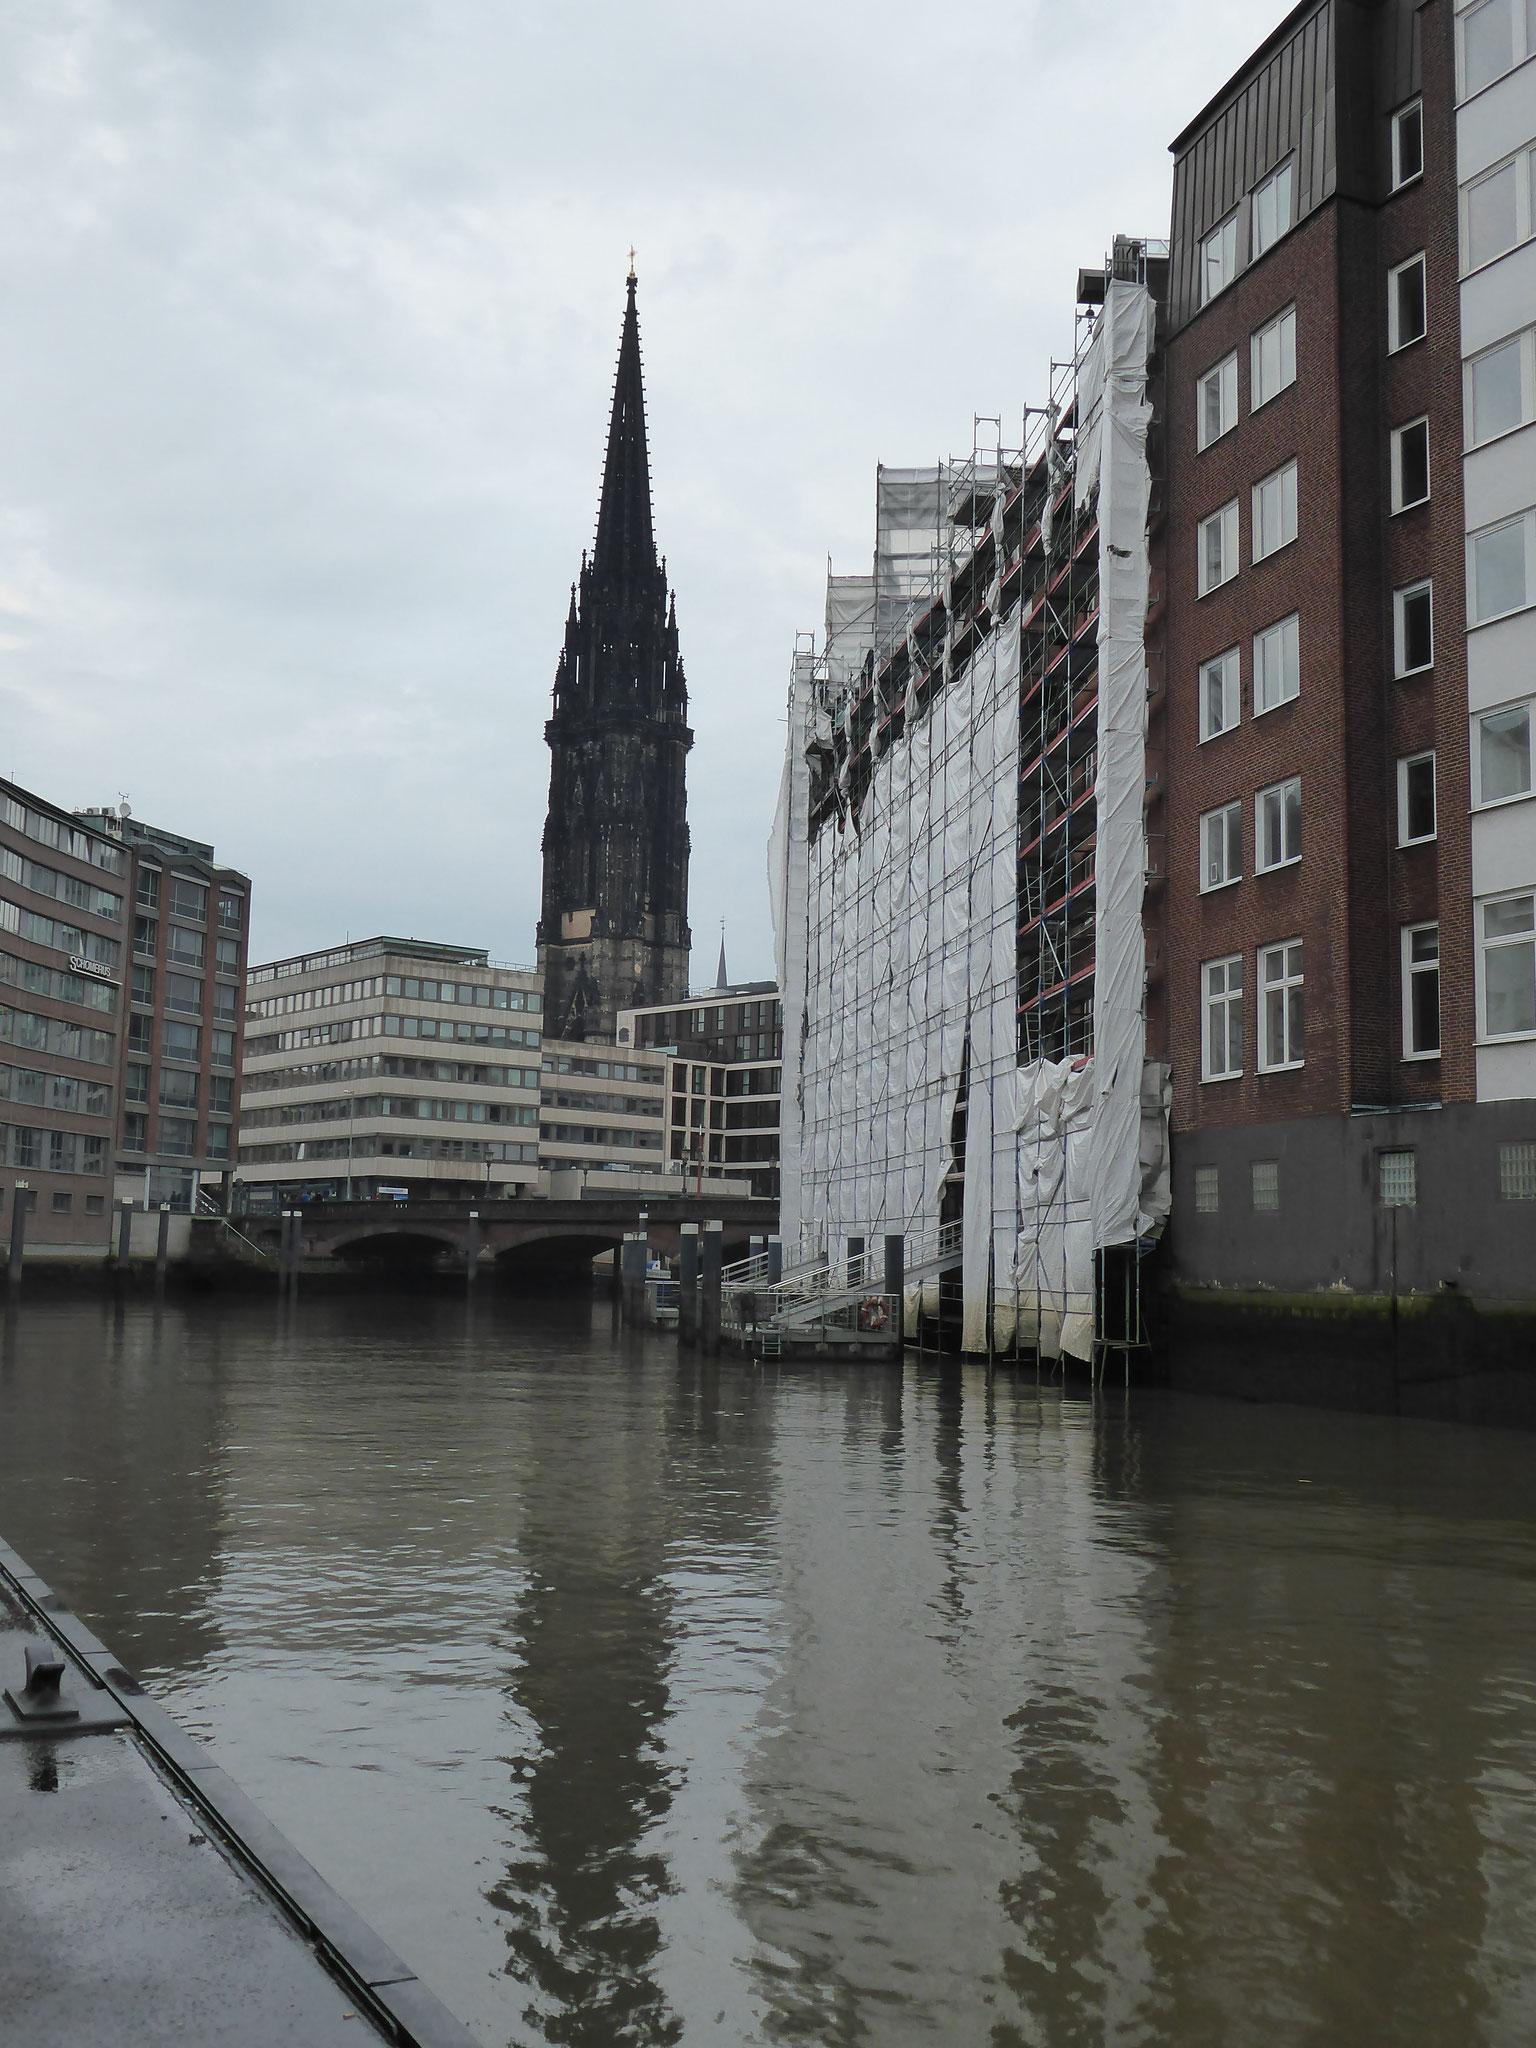 Blick auf die St. Nikolaikirche in Hamburg